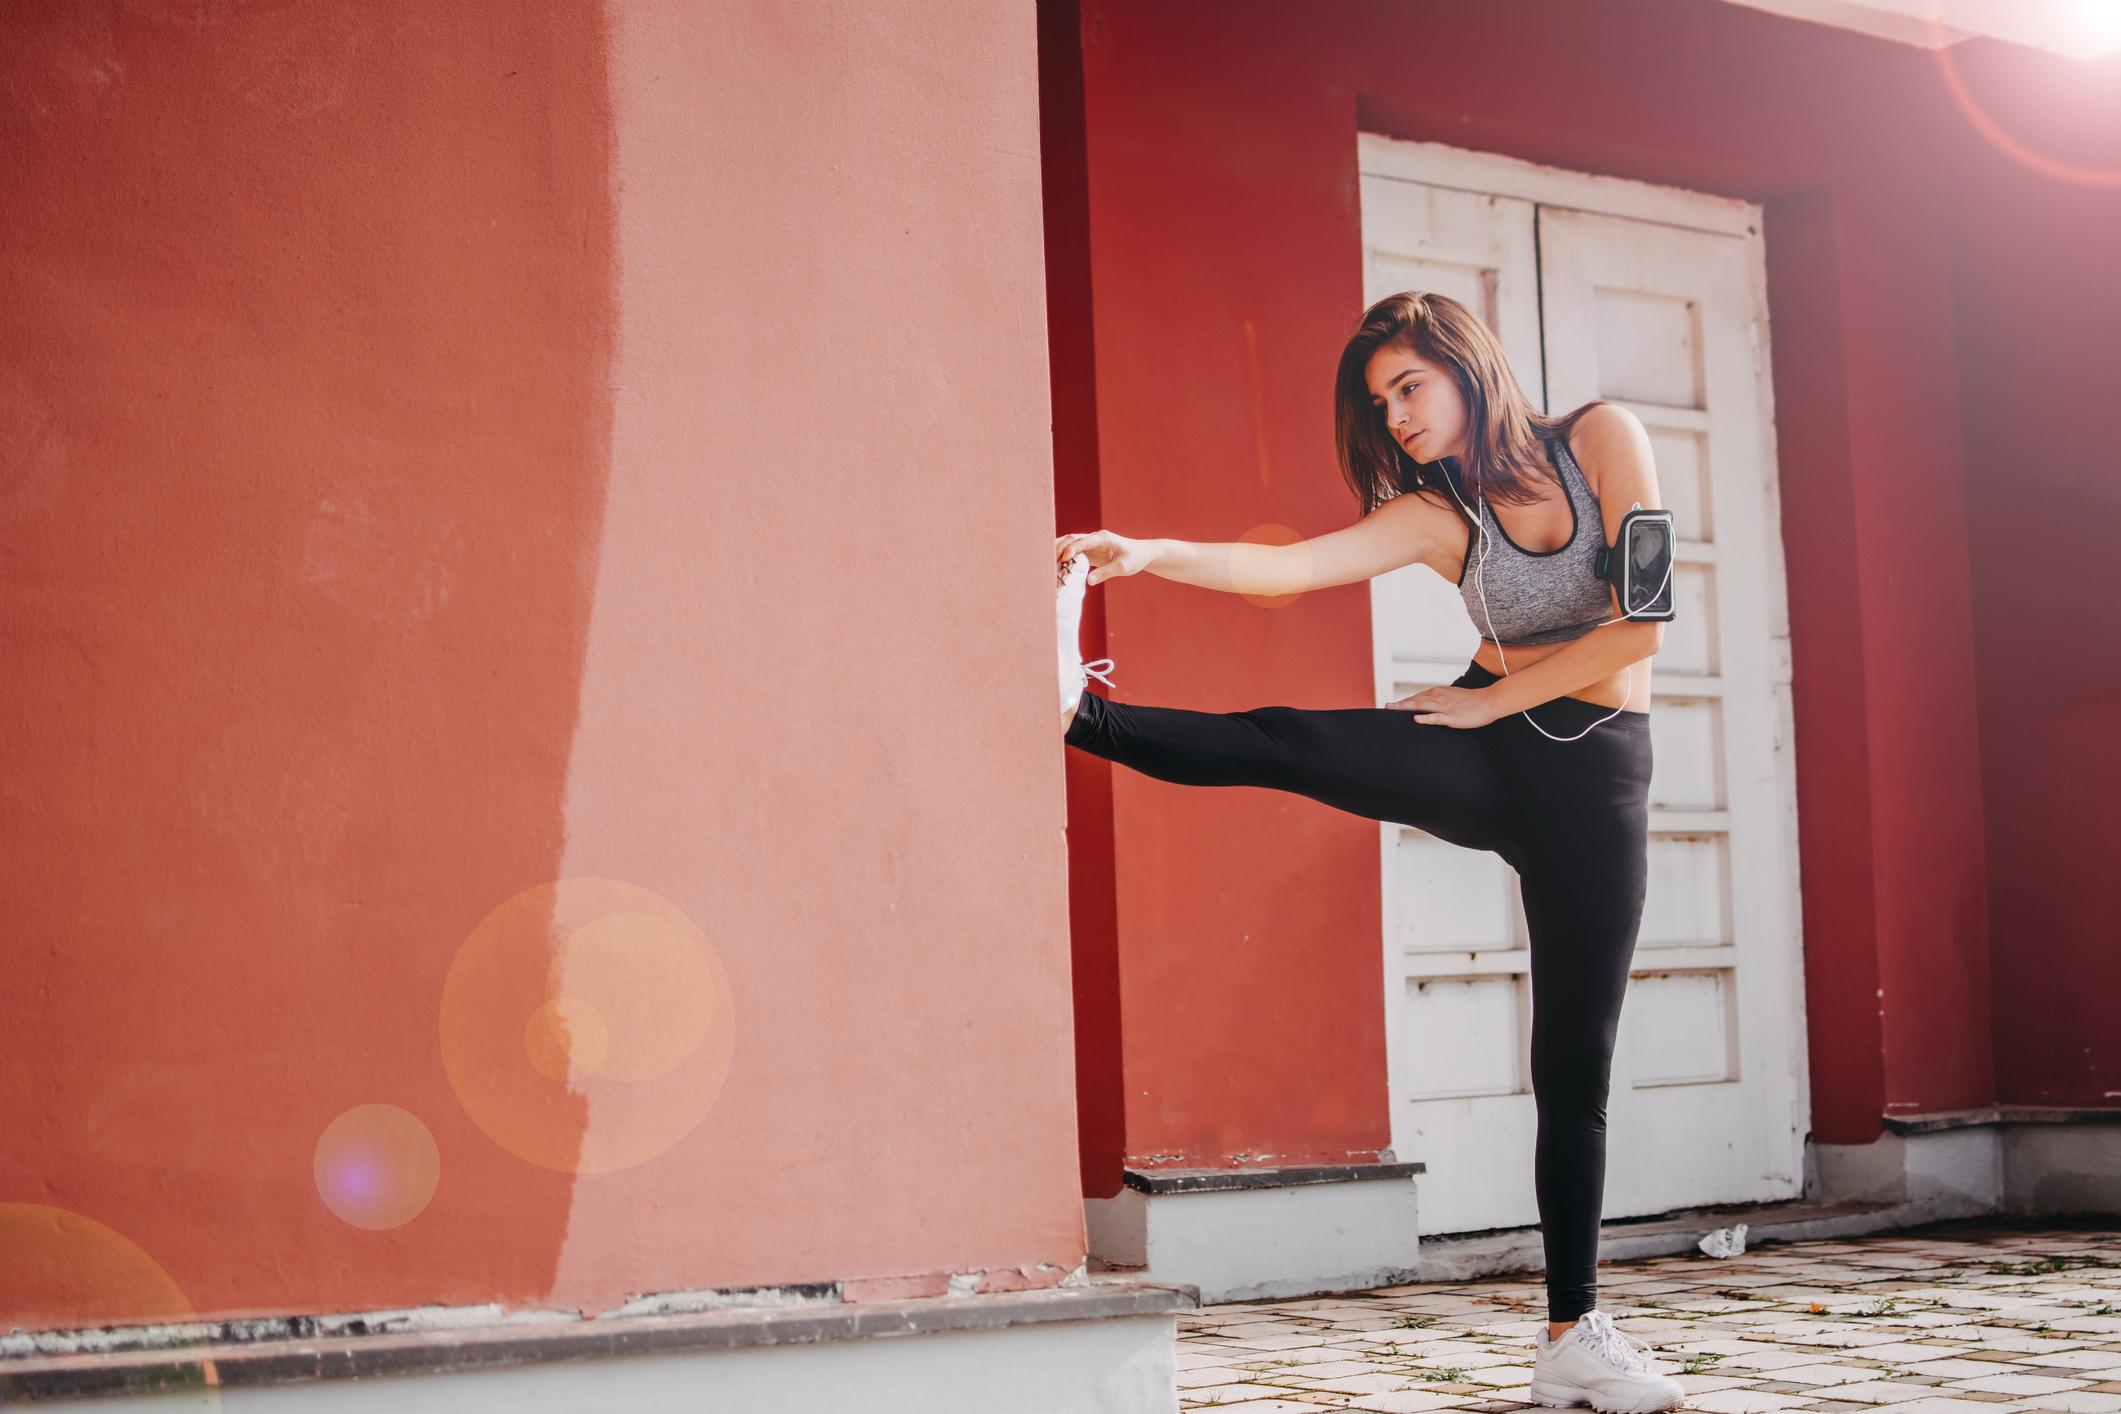 Istezanje može poboljšati pokretljivost zglobova i pomoći trkačima da se opuste nakon trčanja.